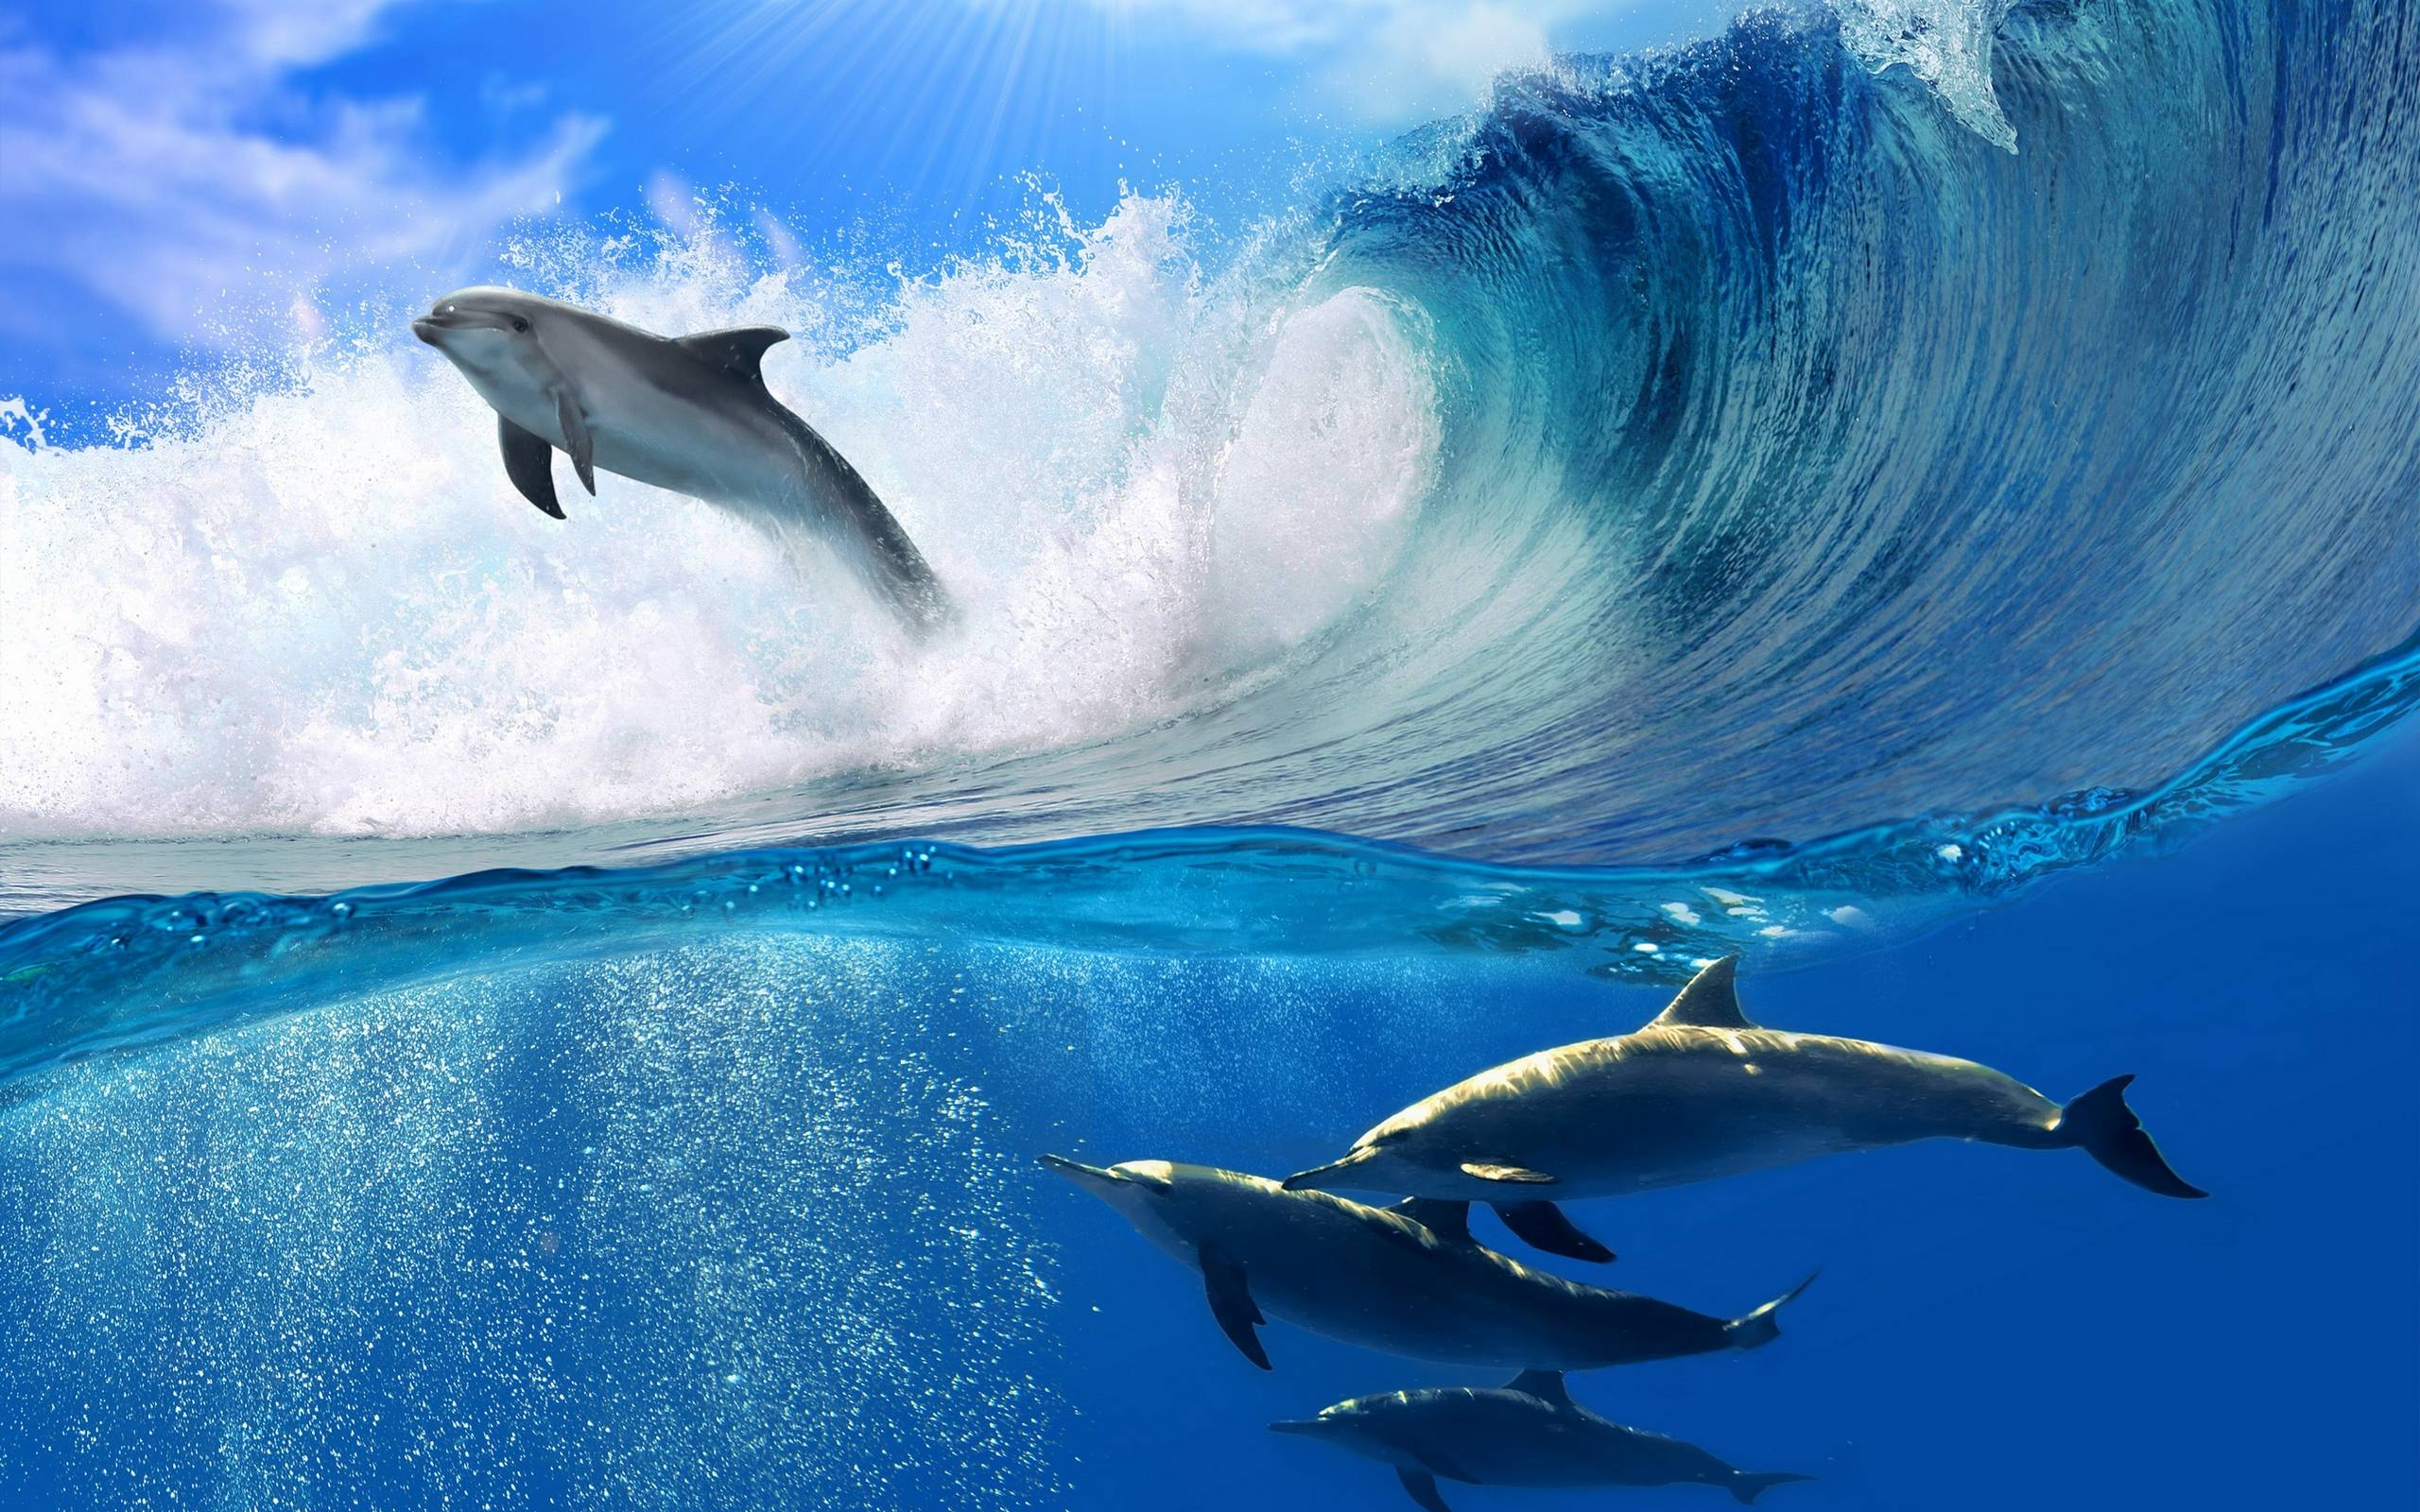 дельфины, плавники, хвосты